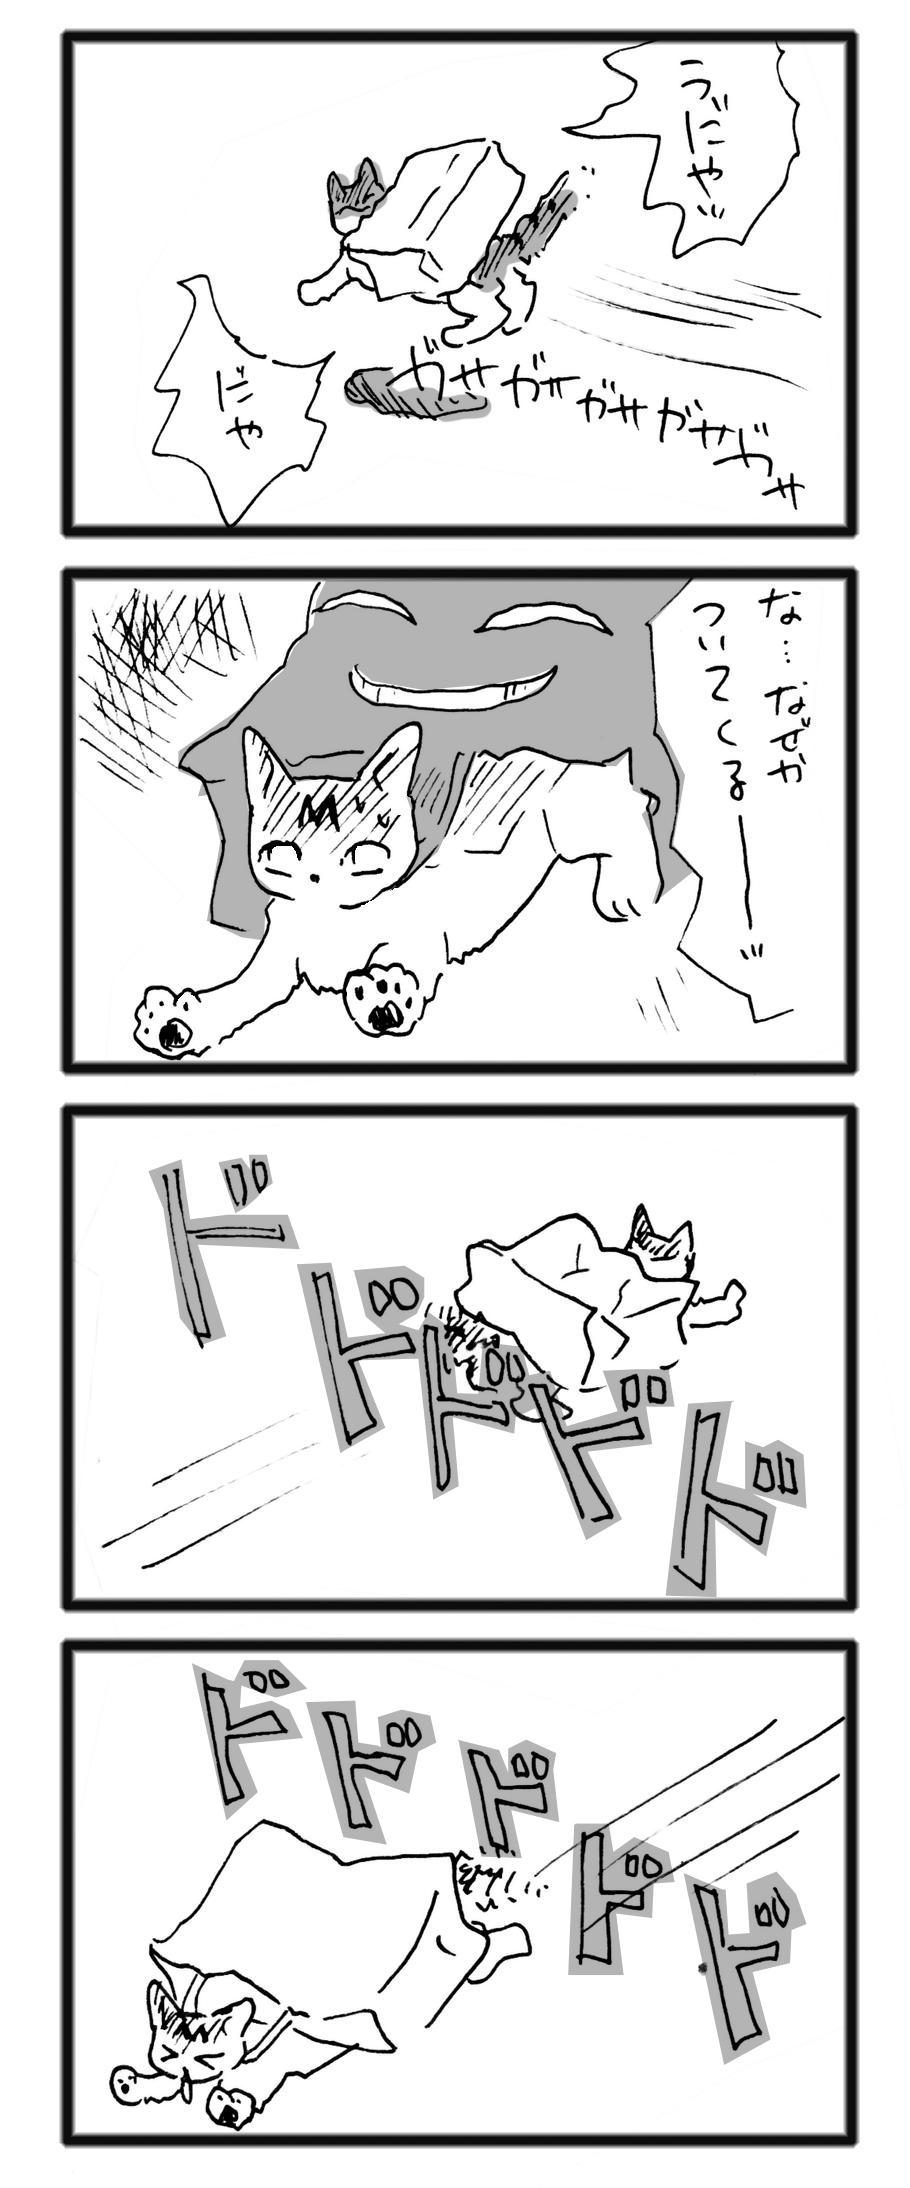 comic_13122302.jpg